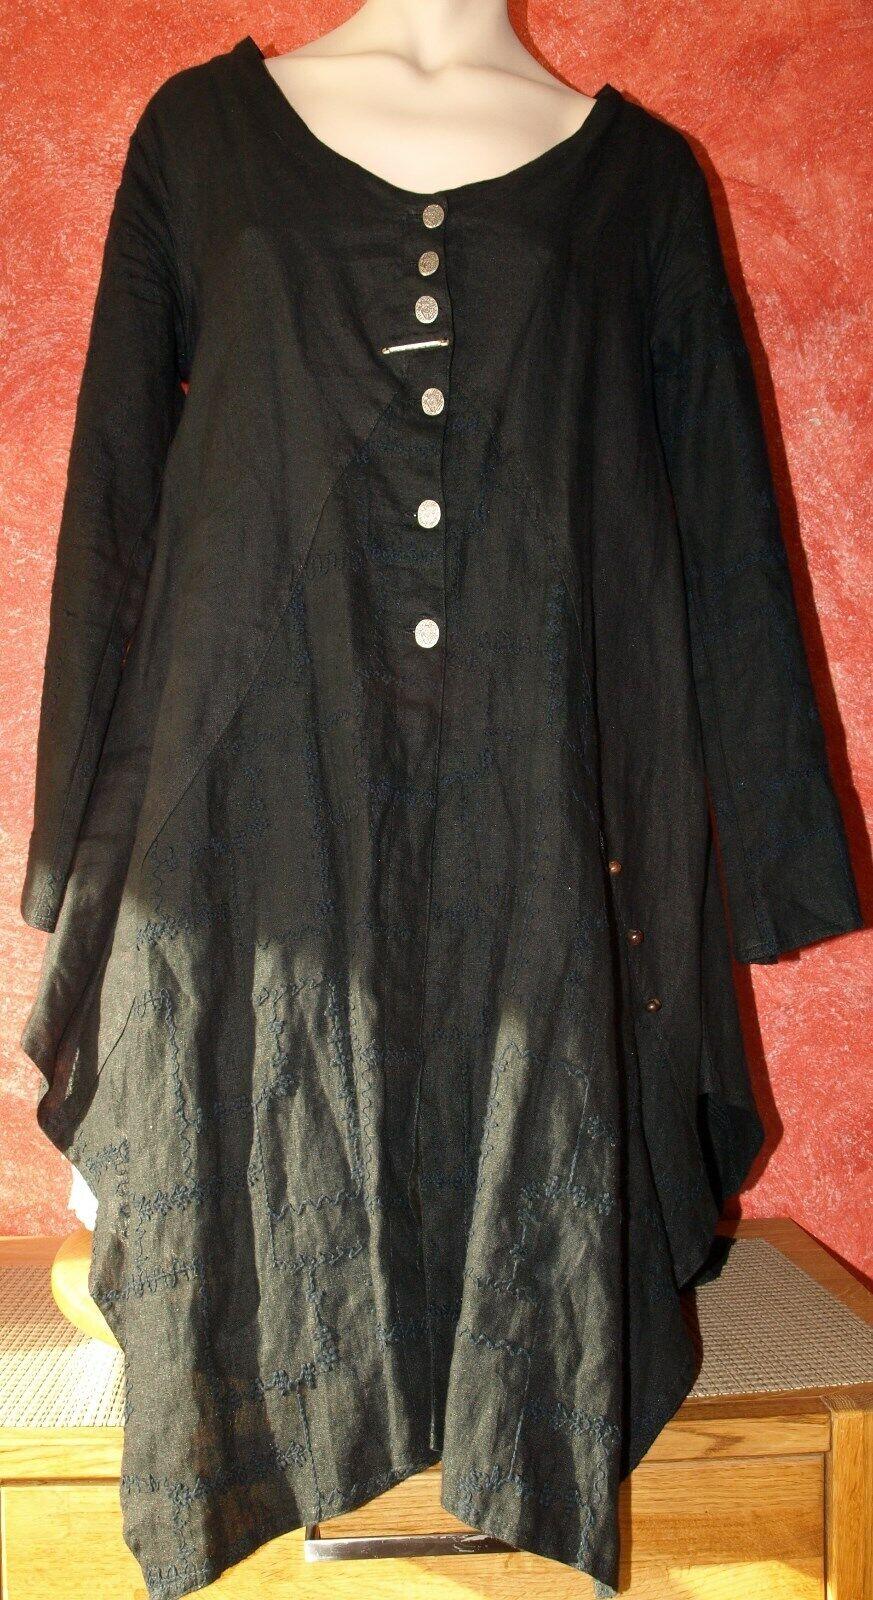 Caty Lesca Gr. 1, 40 42 Kleid Blause Tunika Gehrock Reines Leinen Lagenlook